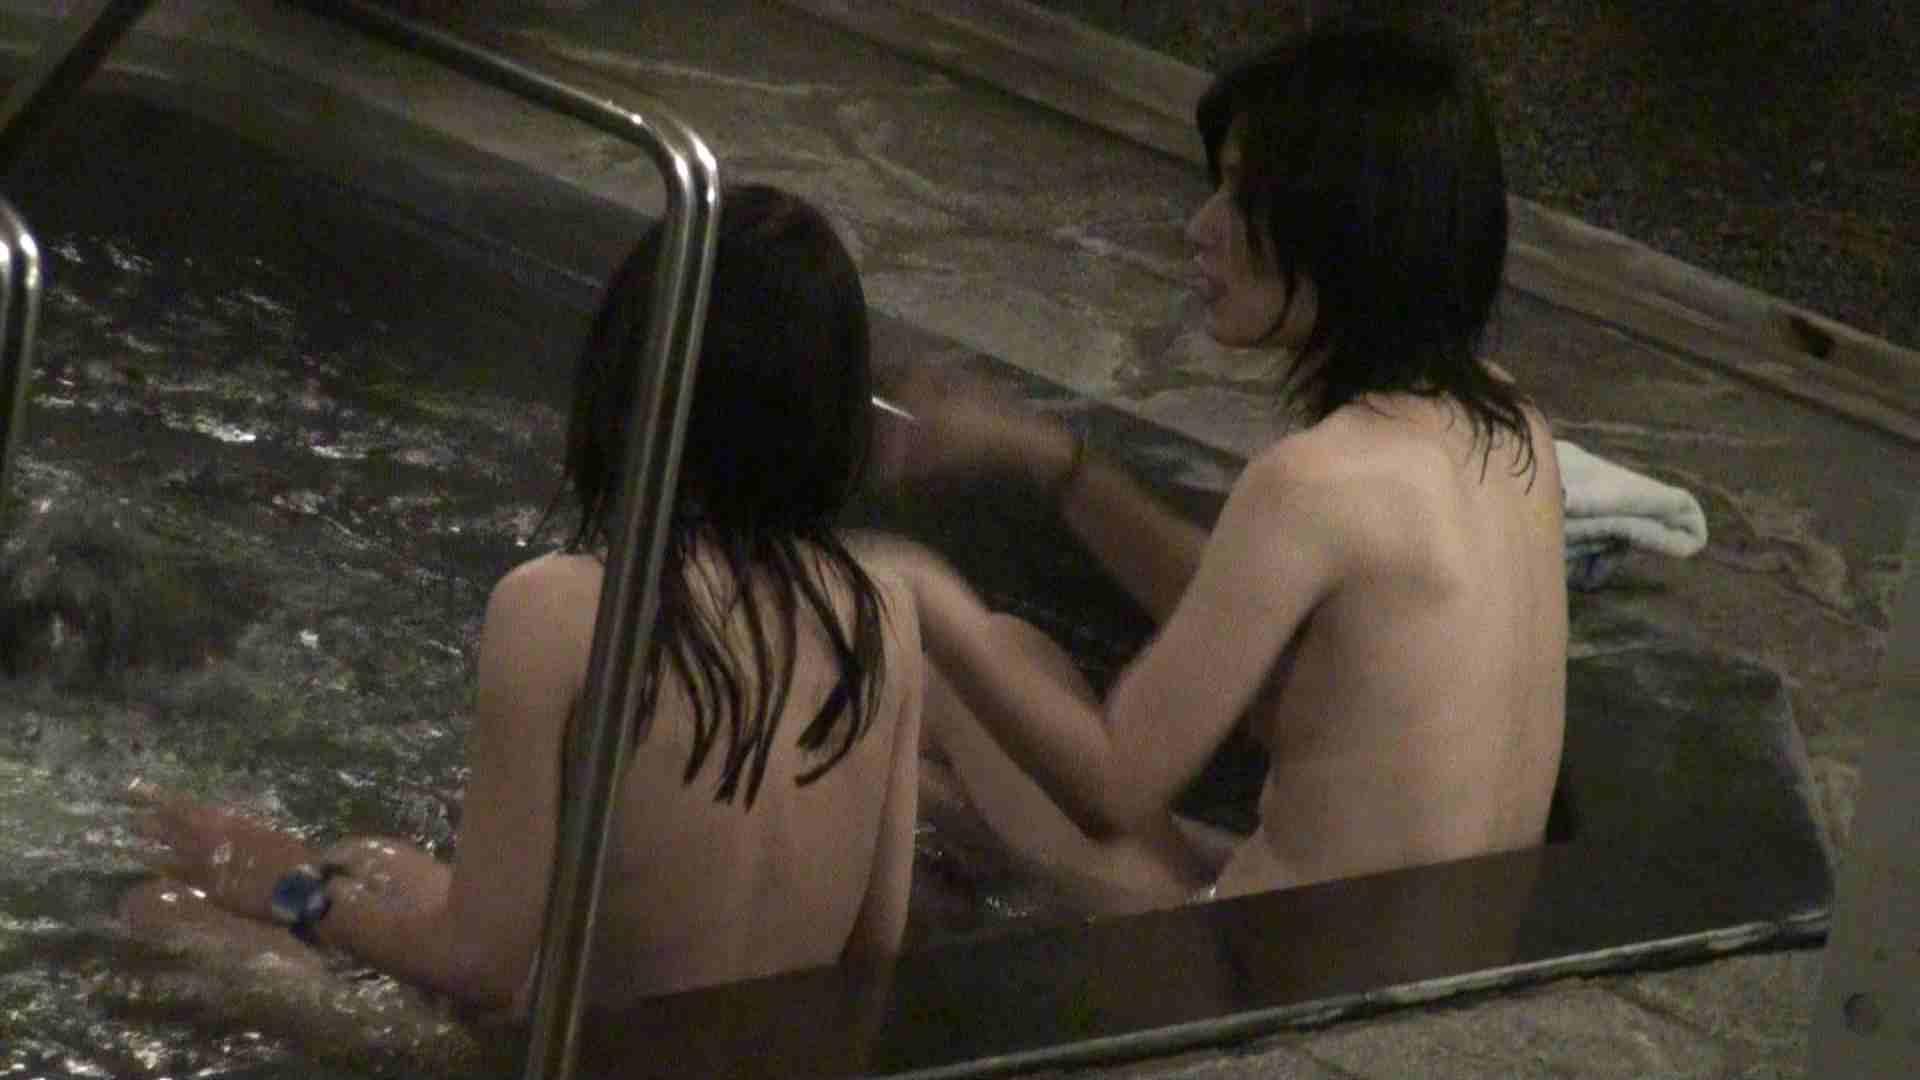 Aquaな露天風呂Vol.348 綺麗なOLたち | 盗撮  84枚 76